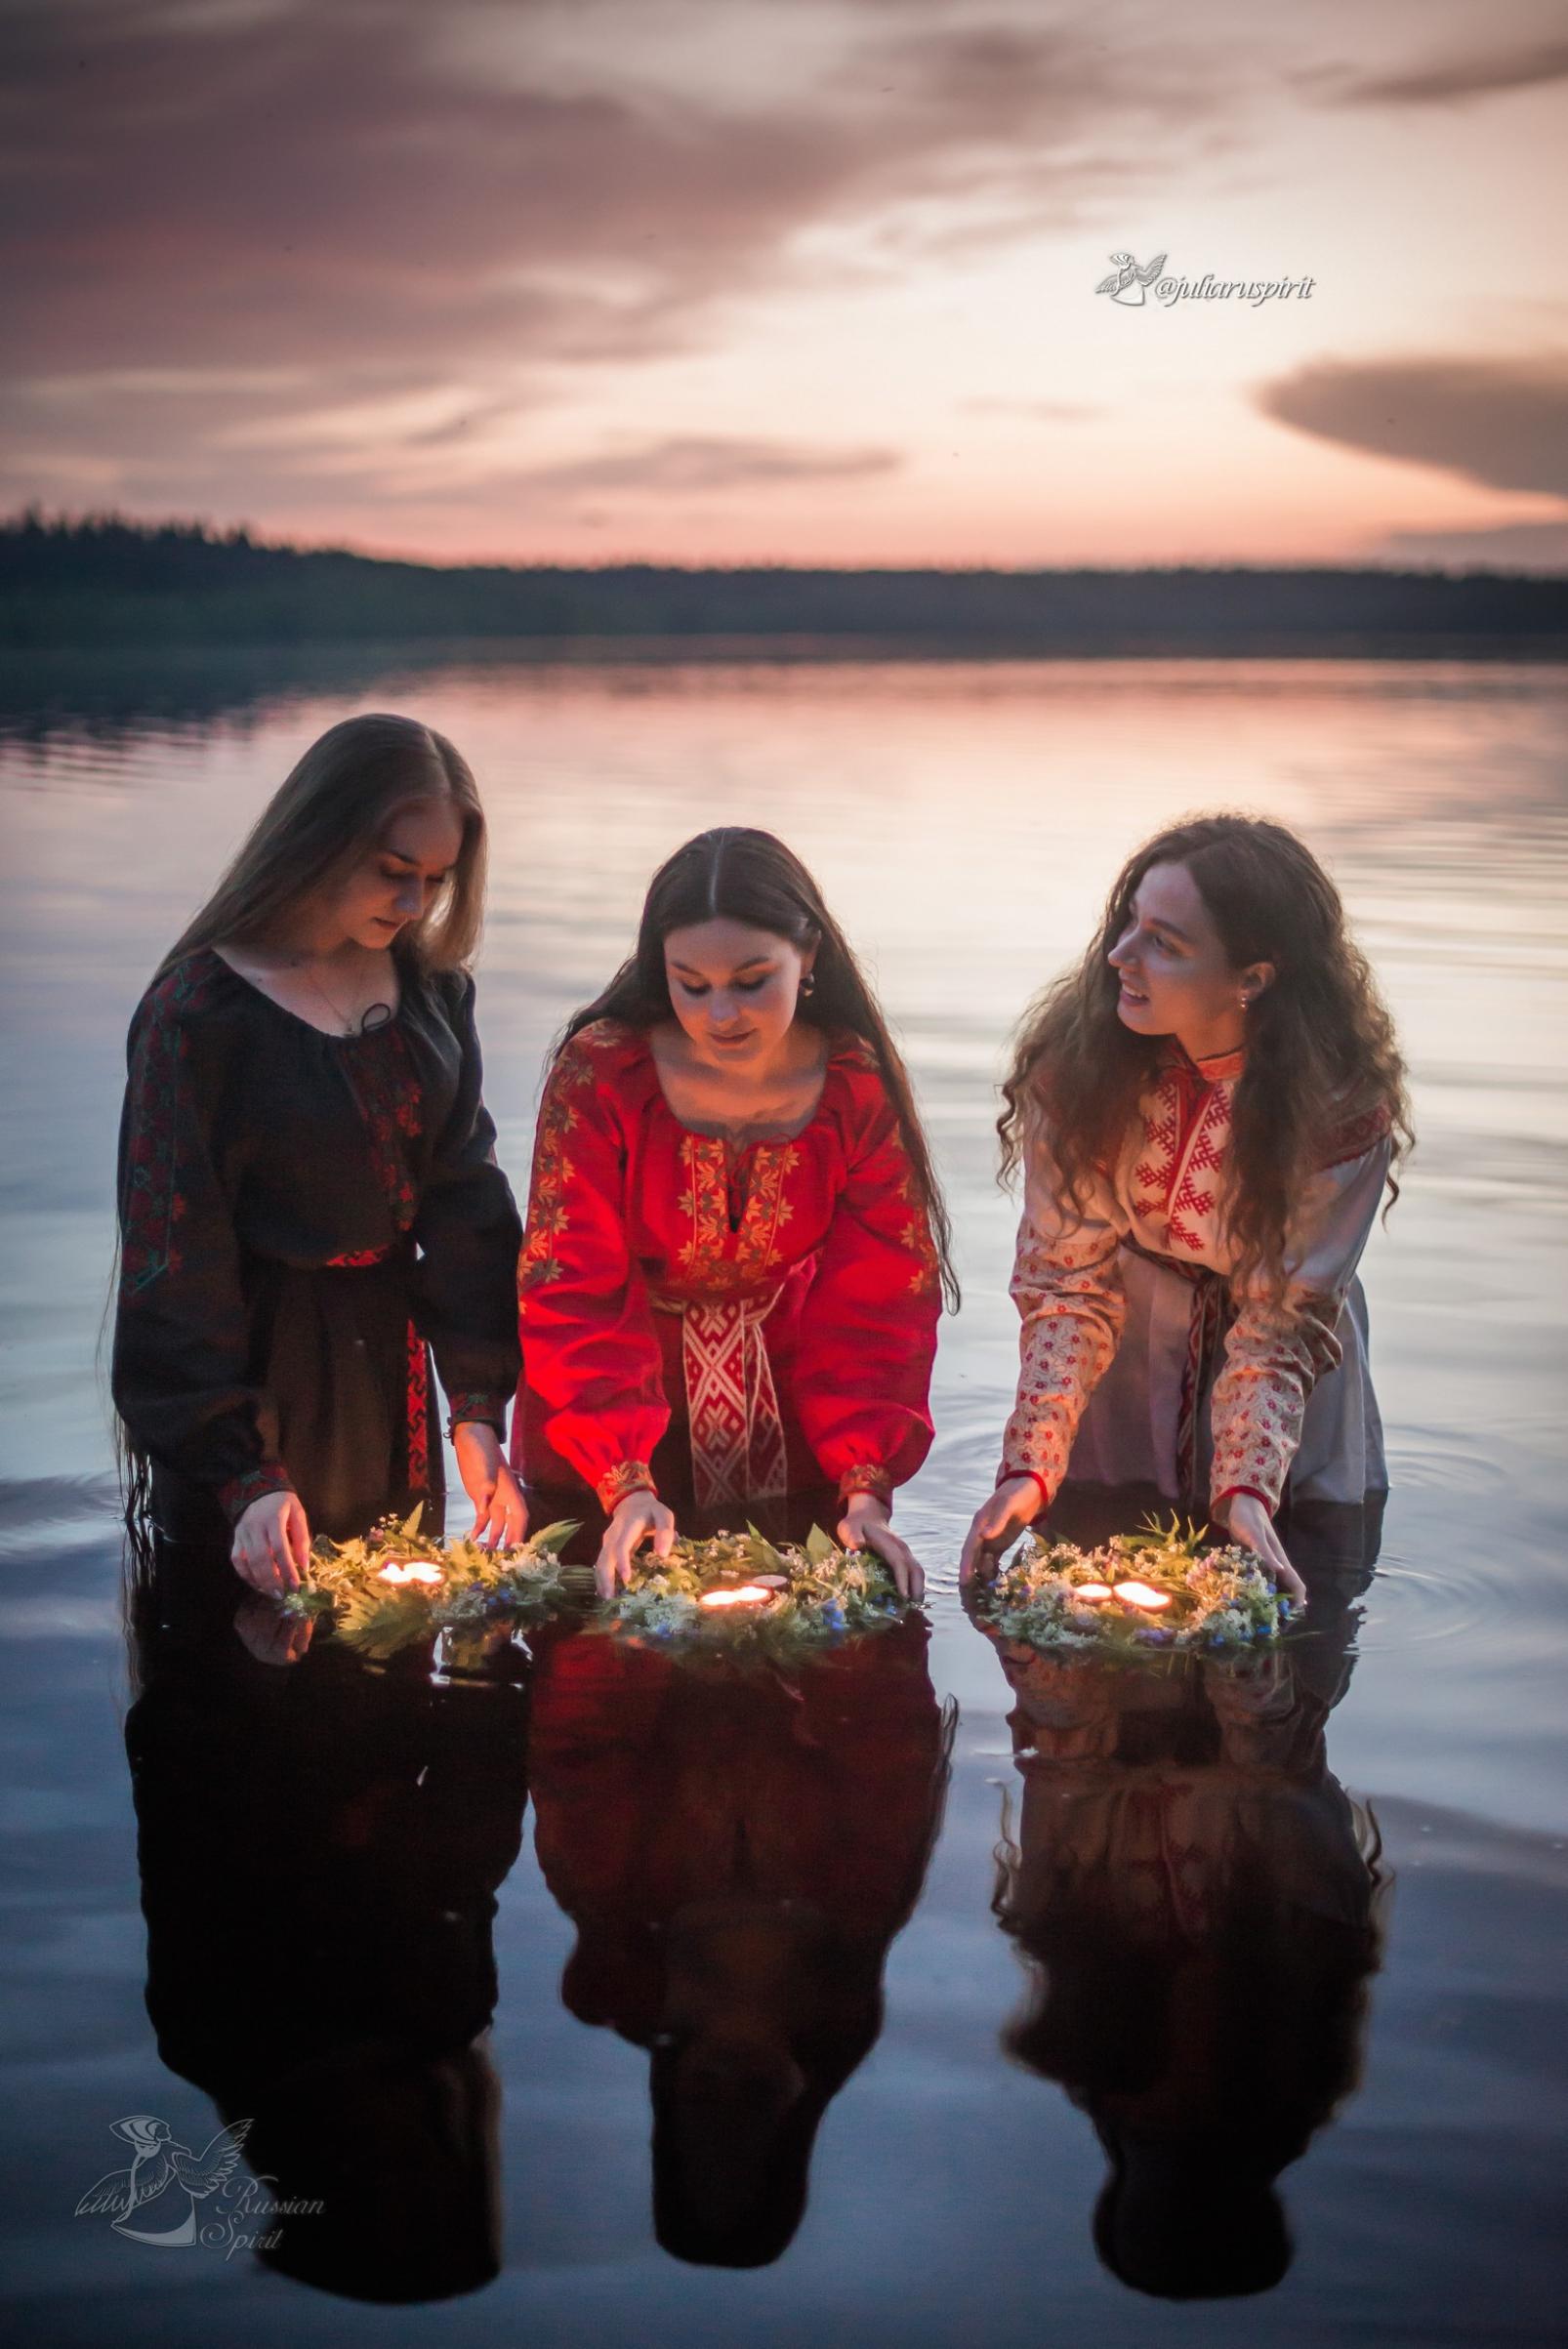 Девушки в славянских платьях отмечают Купало и отправляют венки по воде